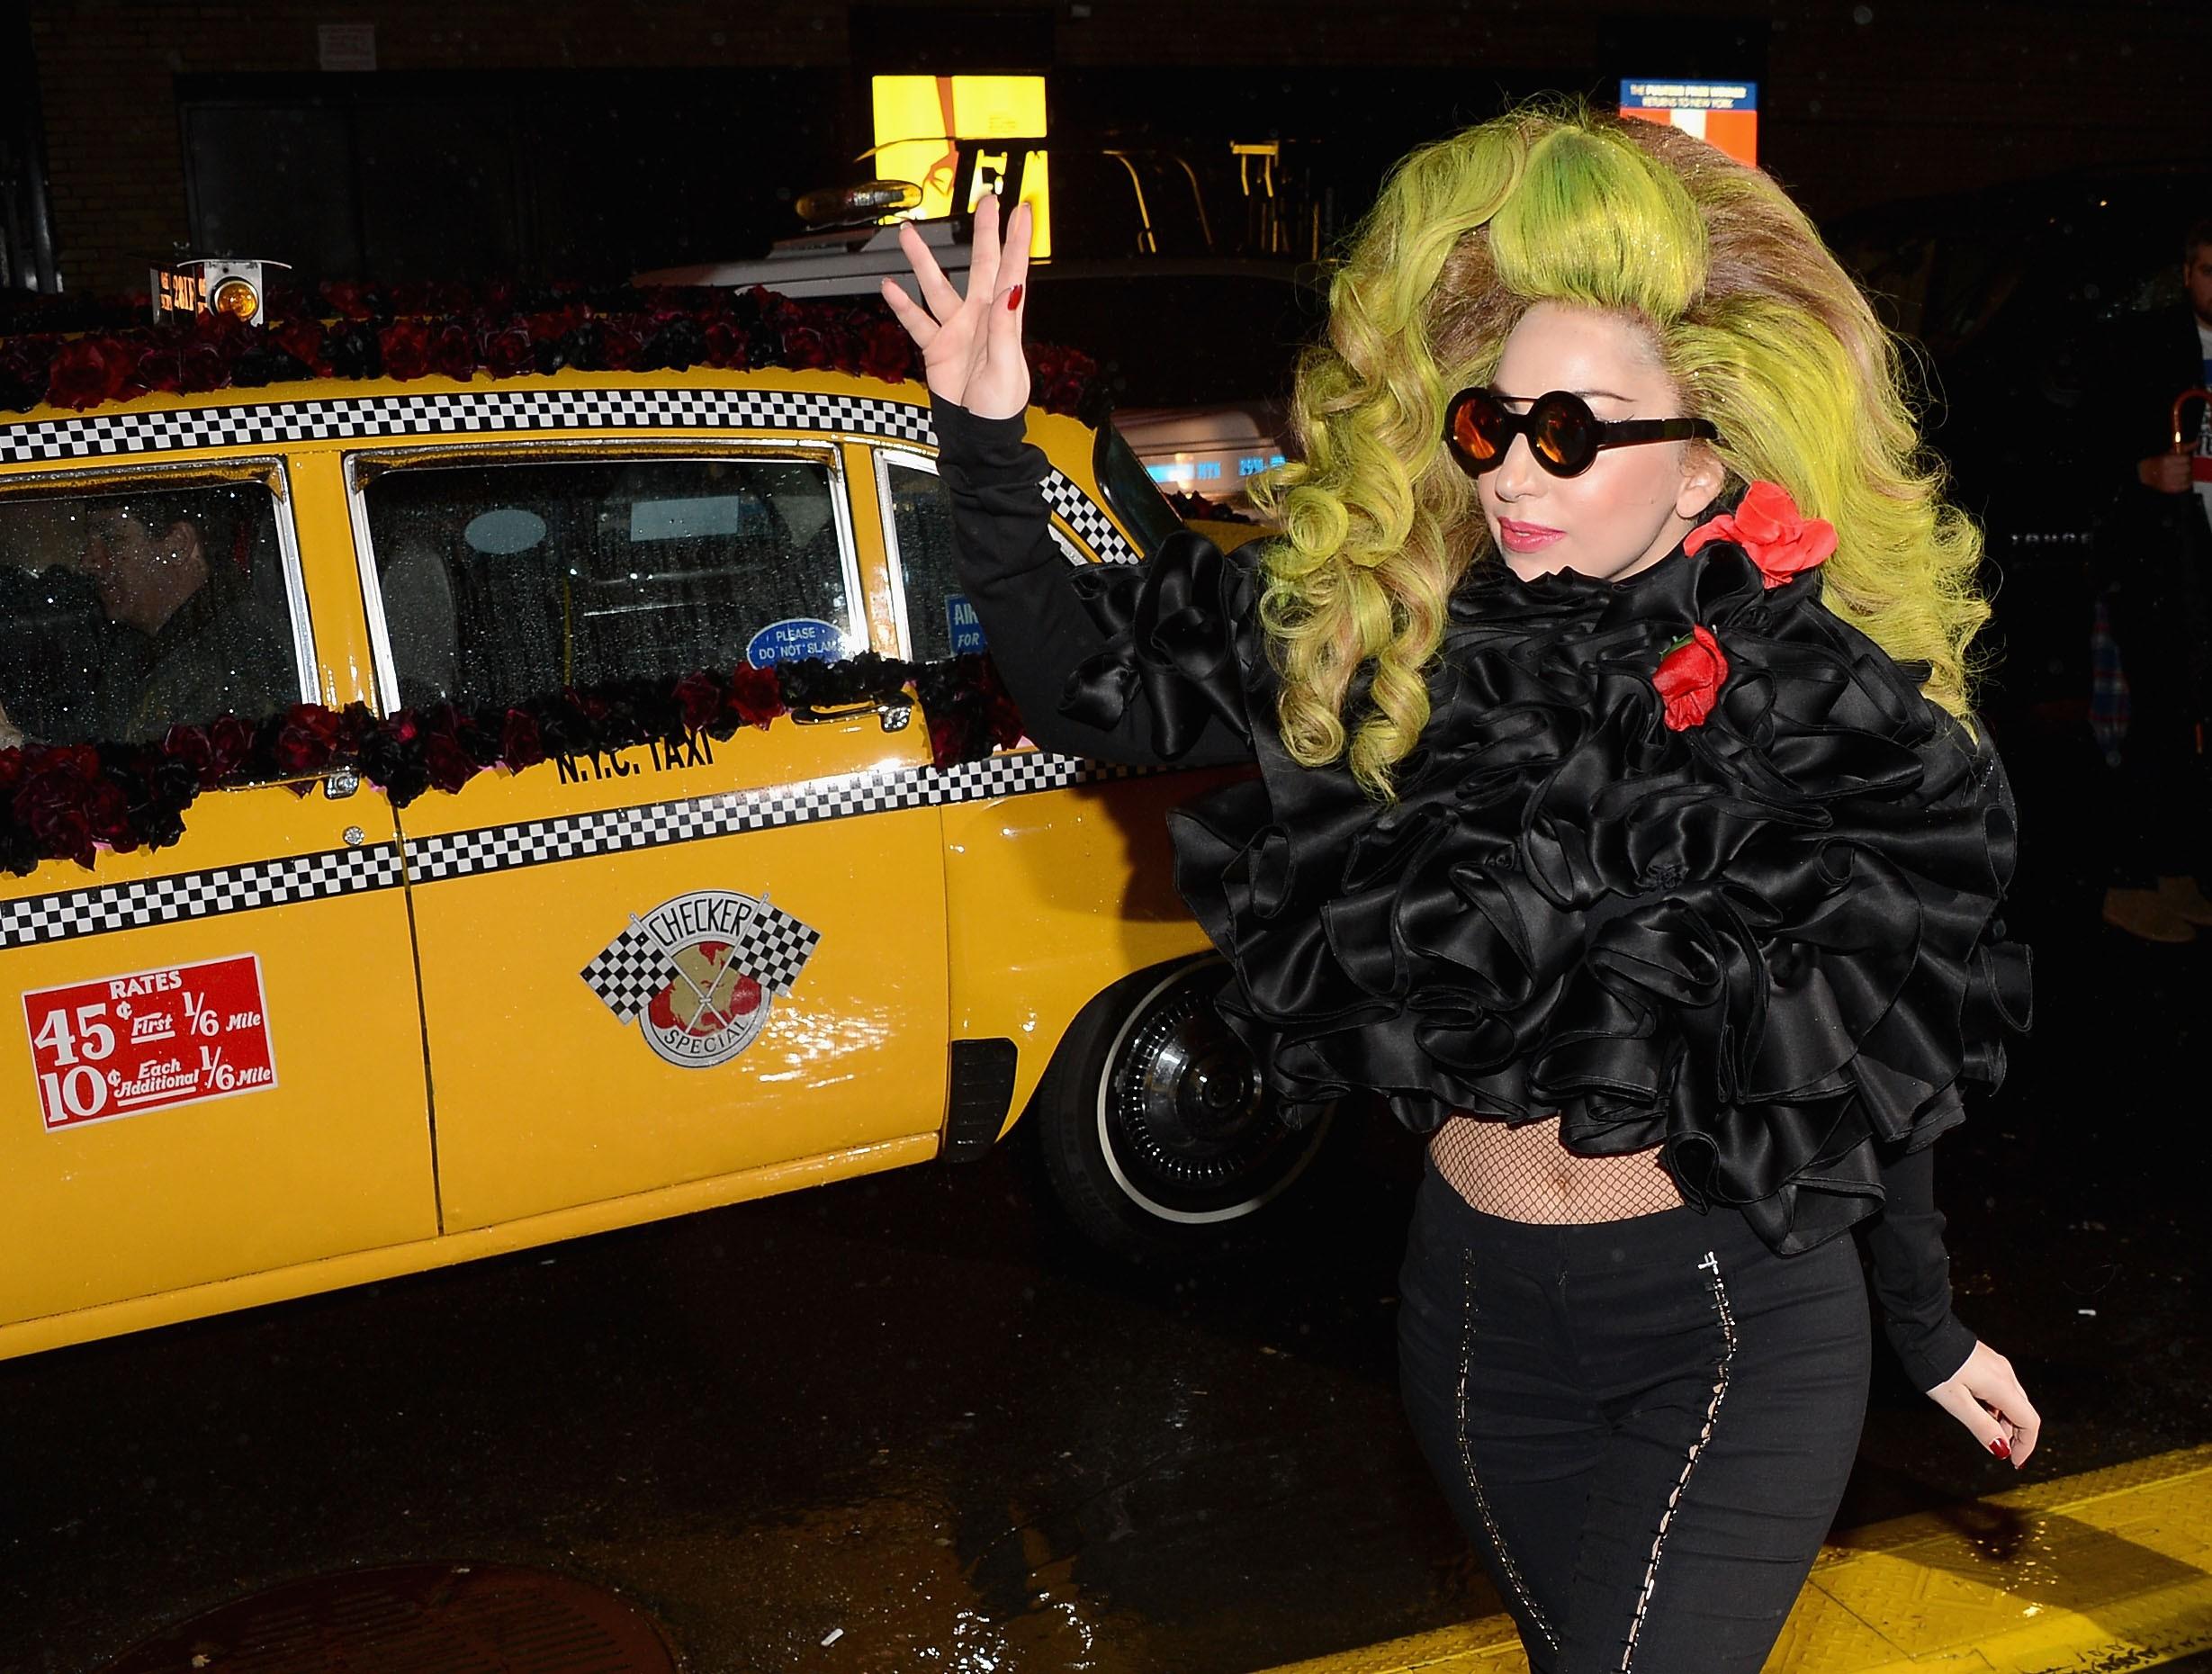 Lady Gaga revelou no Twitter que é uma adepta do uso de cupons de descontos para qualquer uma de suas compras. Ela também disse não perder qualquer oportunidade que tenha para barganhar valores. (Foto: Getty Images)